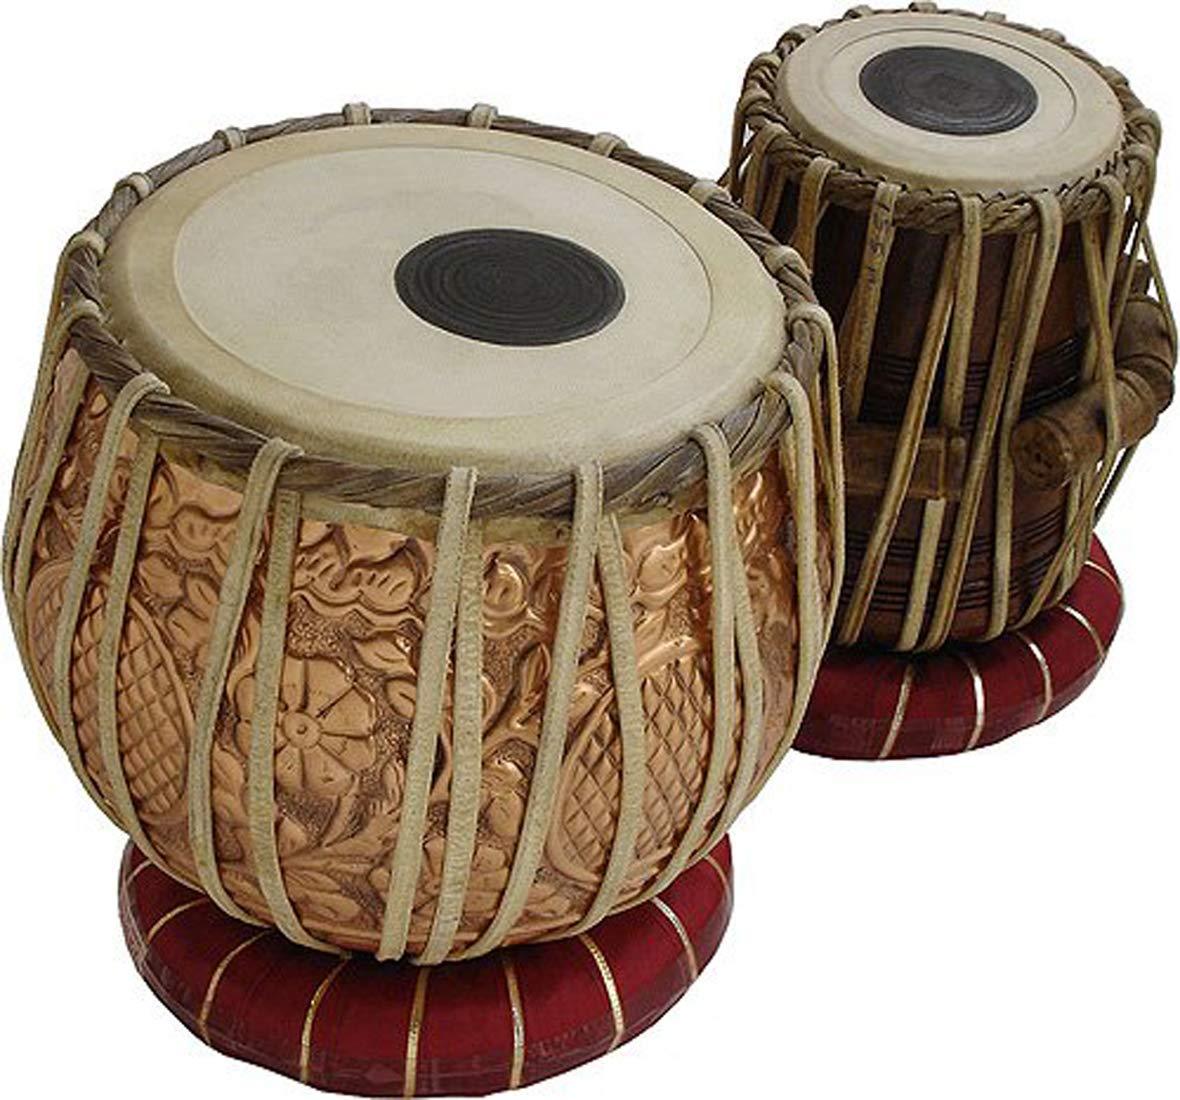 【限定特価】 Makan Professional Copper B07QJ4MFTR Bayan & Bag Wooden Makan Dayan Tabla Set Percussion Musical Instrument with Carry Bag & Cushion B07QJ4MFTR, 枝幸郡:48ffb62a --- a0267596.xsph.ru